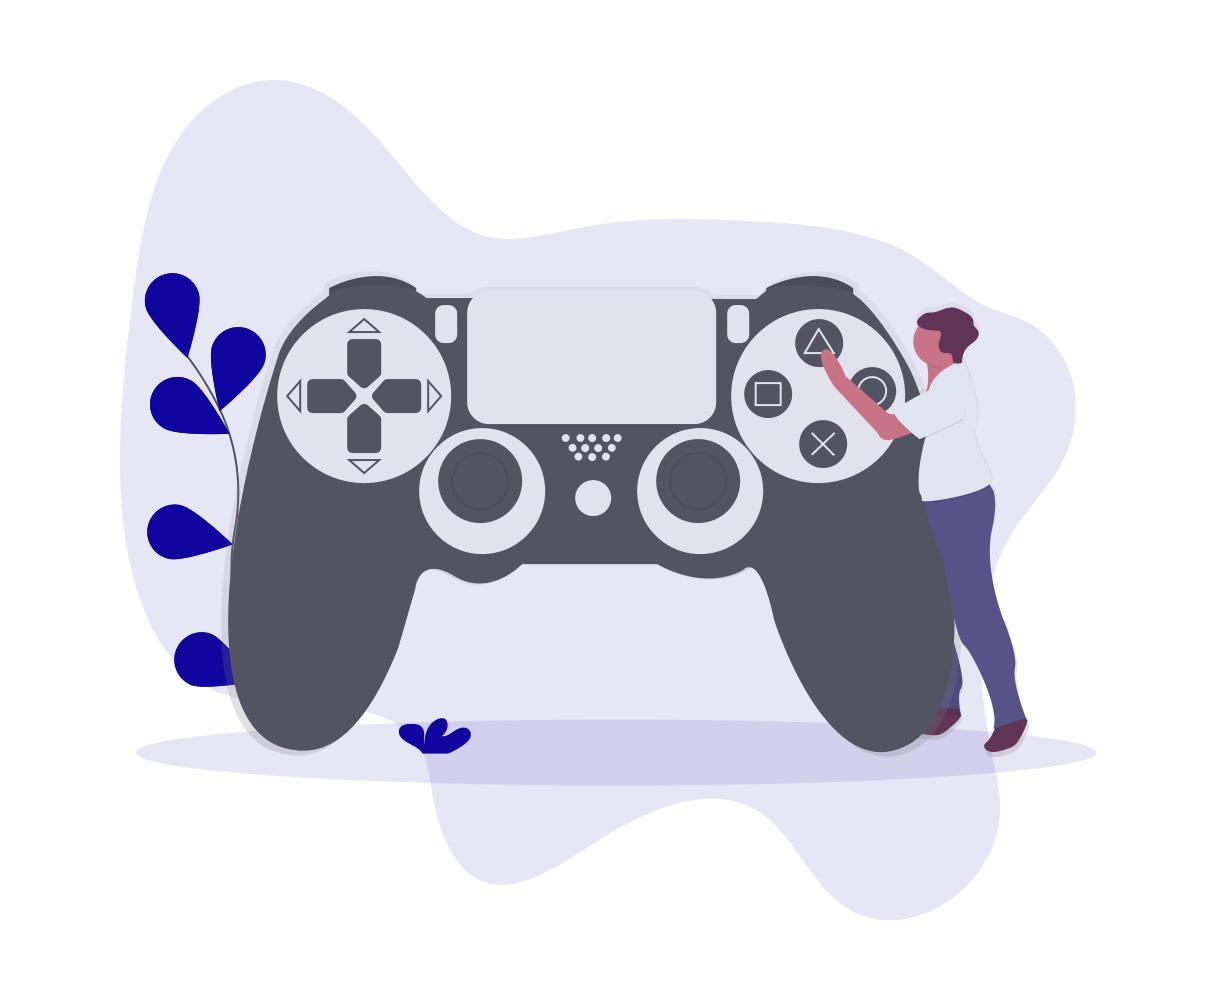 معمولا وقتی عبارت بازی رو میشنویم، فکر میکنیم که بازی مختص قشر کودک و نوجوانه. اما در حقیقت، میانگین سنی گیمرها، در حدود 35ساله. 68% بالای 18سال سن دارن و پراکندگی جنسیتی هم تقریبا برابره. یعنی تقریبا همه گیمرن!